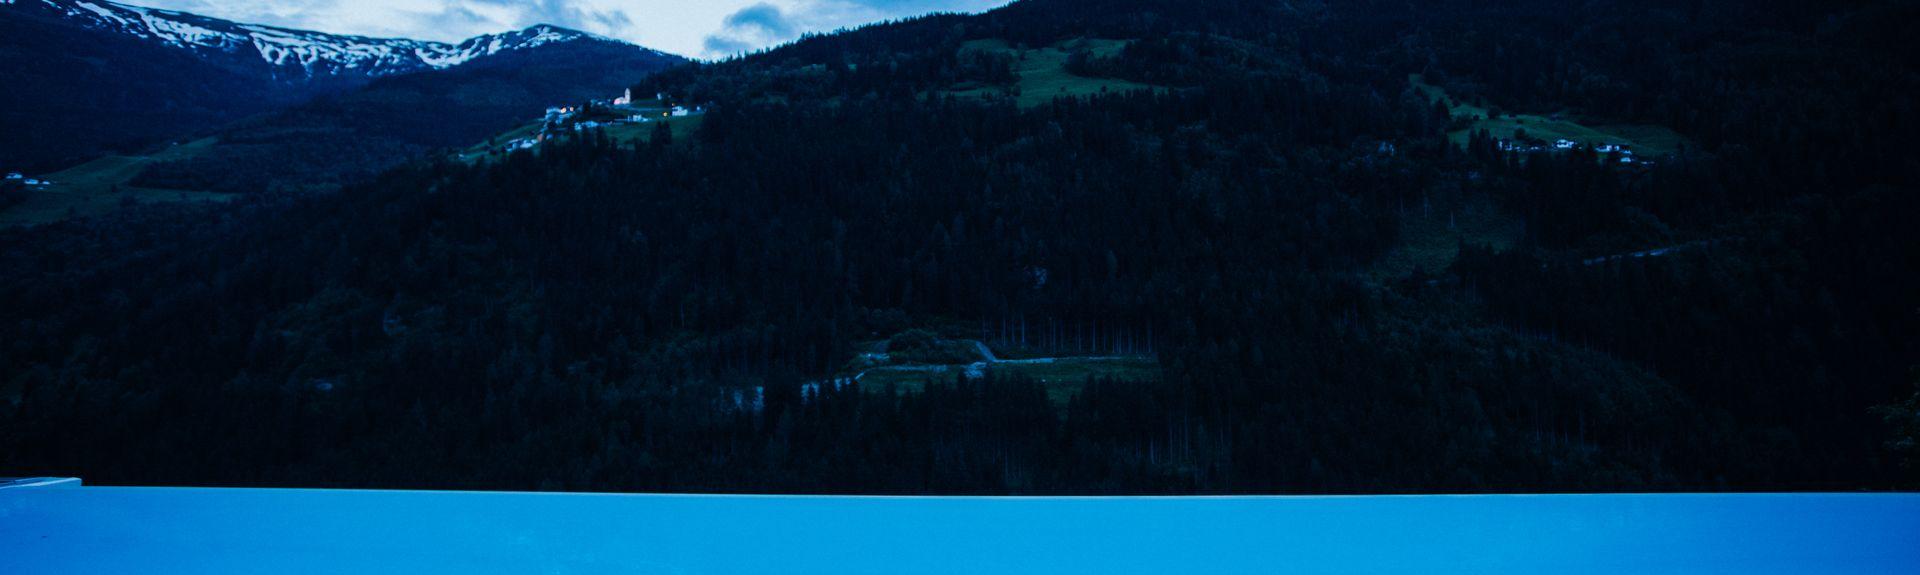 Imst, Imst, Tirol, Oostenrijk